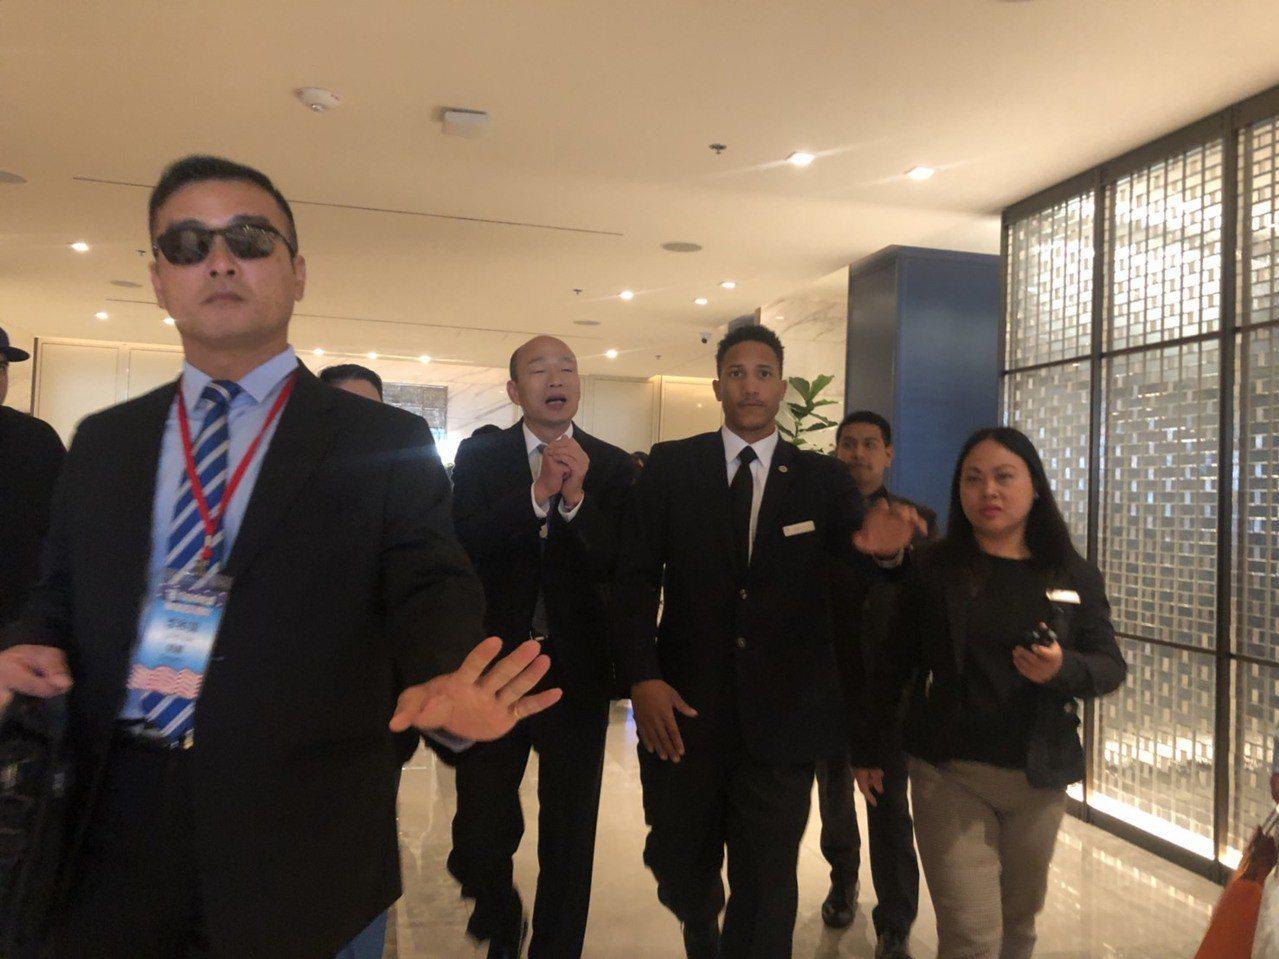 高雄市長韓國瑜轉往美國洛杉磯參訪,美西時間13日上午8時許步出飯店,前往參訪當地...